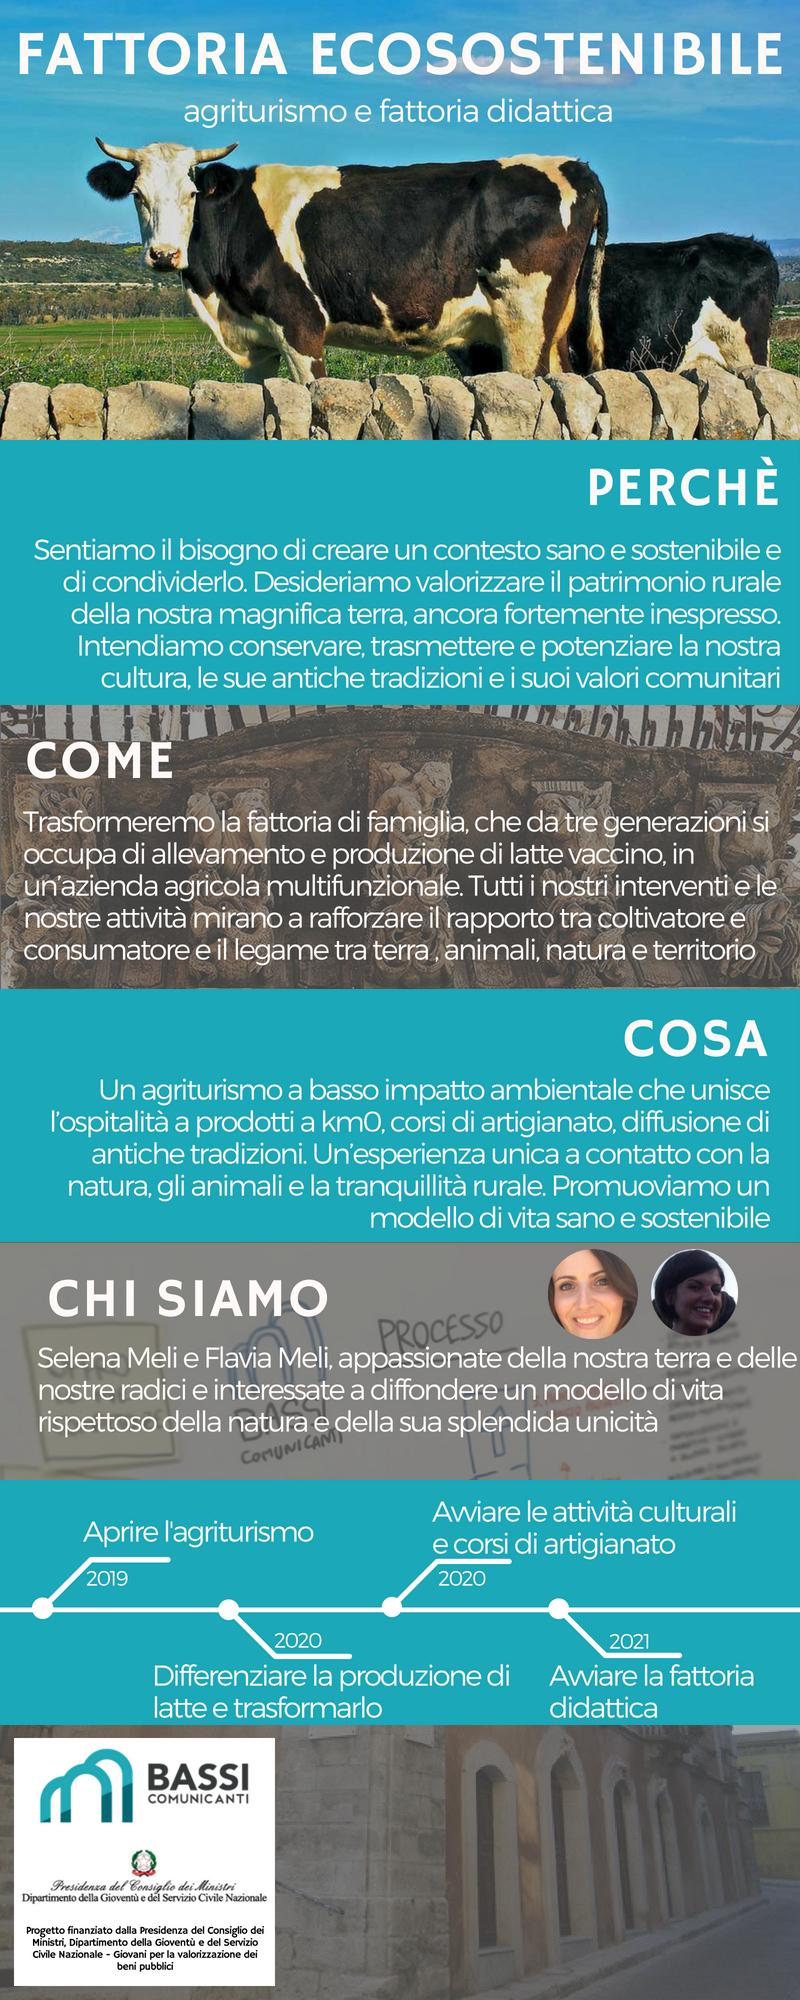 fattoria_ecosostenibile_selena_meli